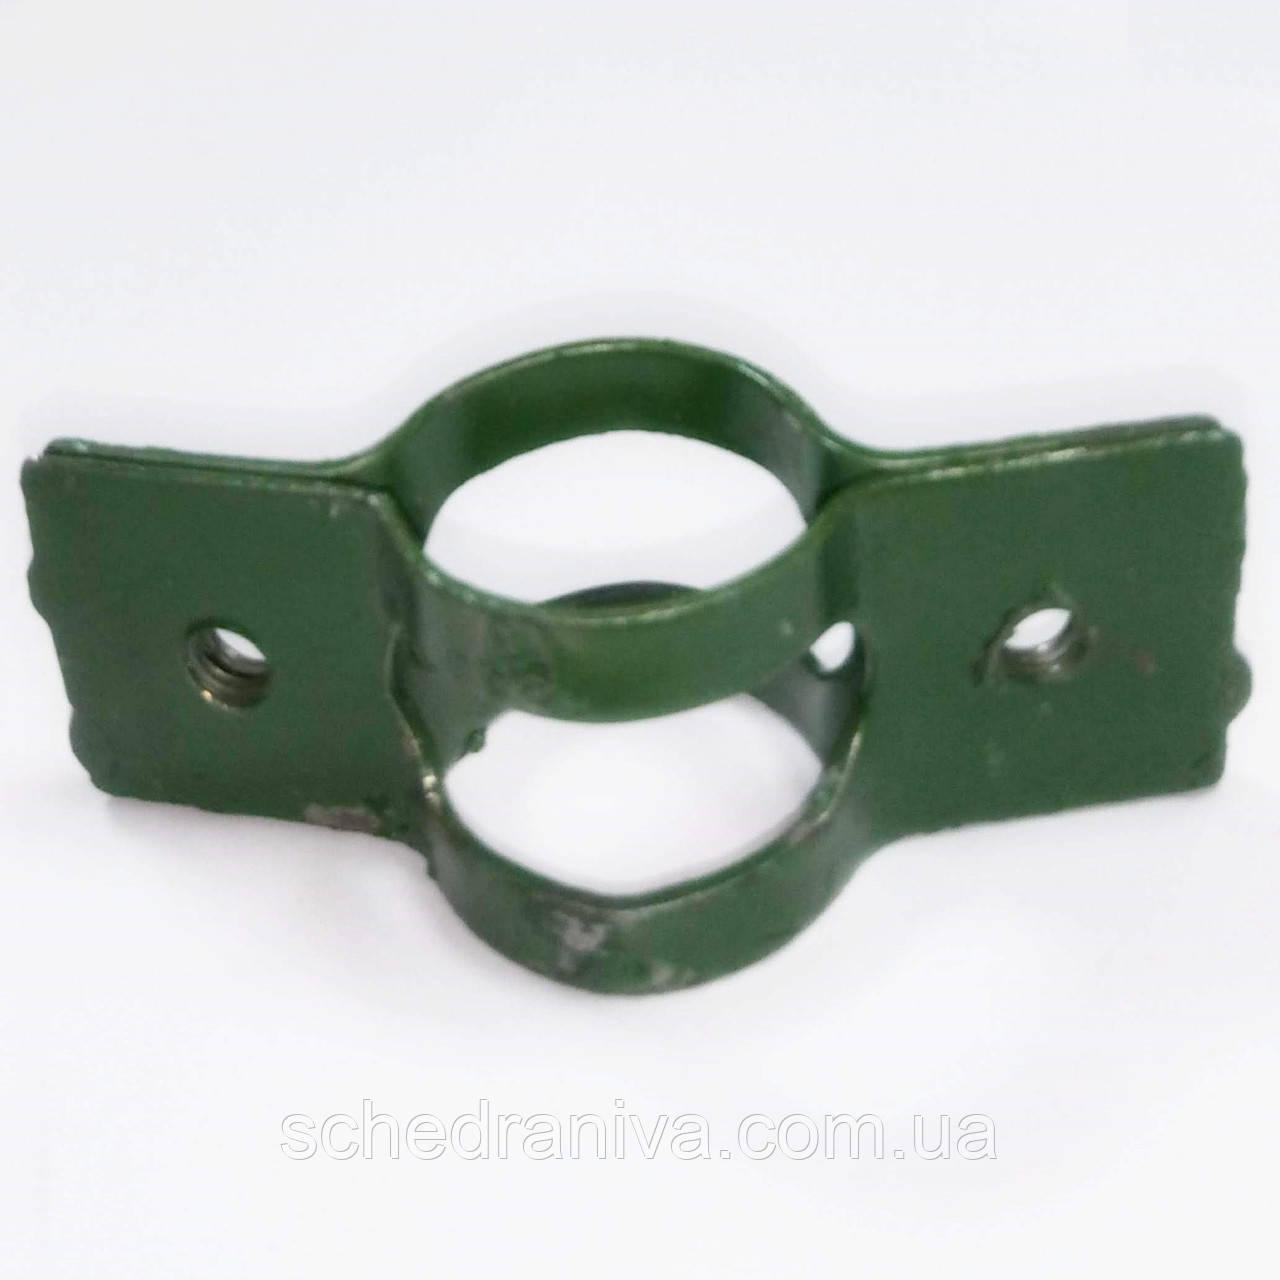 Обойма вічка ДОН, Нива 54-1-2-2-1-3 шнека жниварки (глазкодержатель)